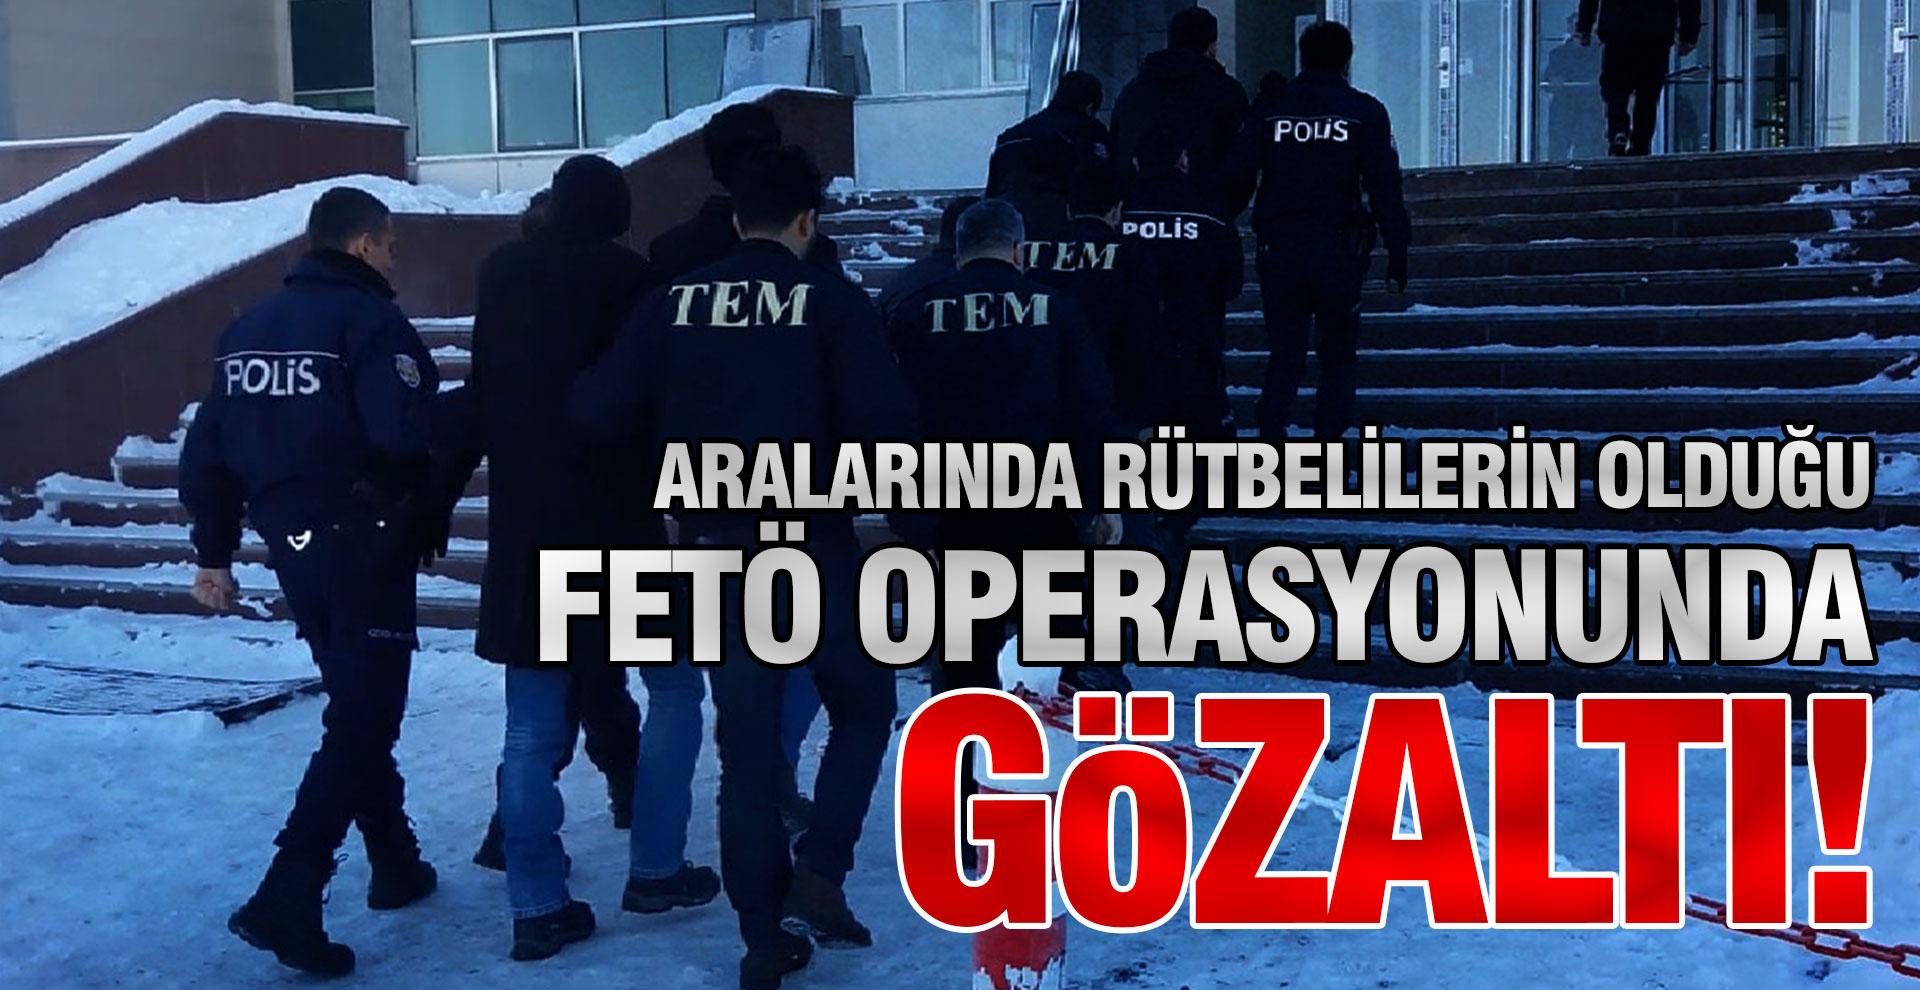 Aralarında rütbelilerin olduğu FETÖ operasyonunda gözaltı!